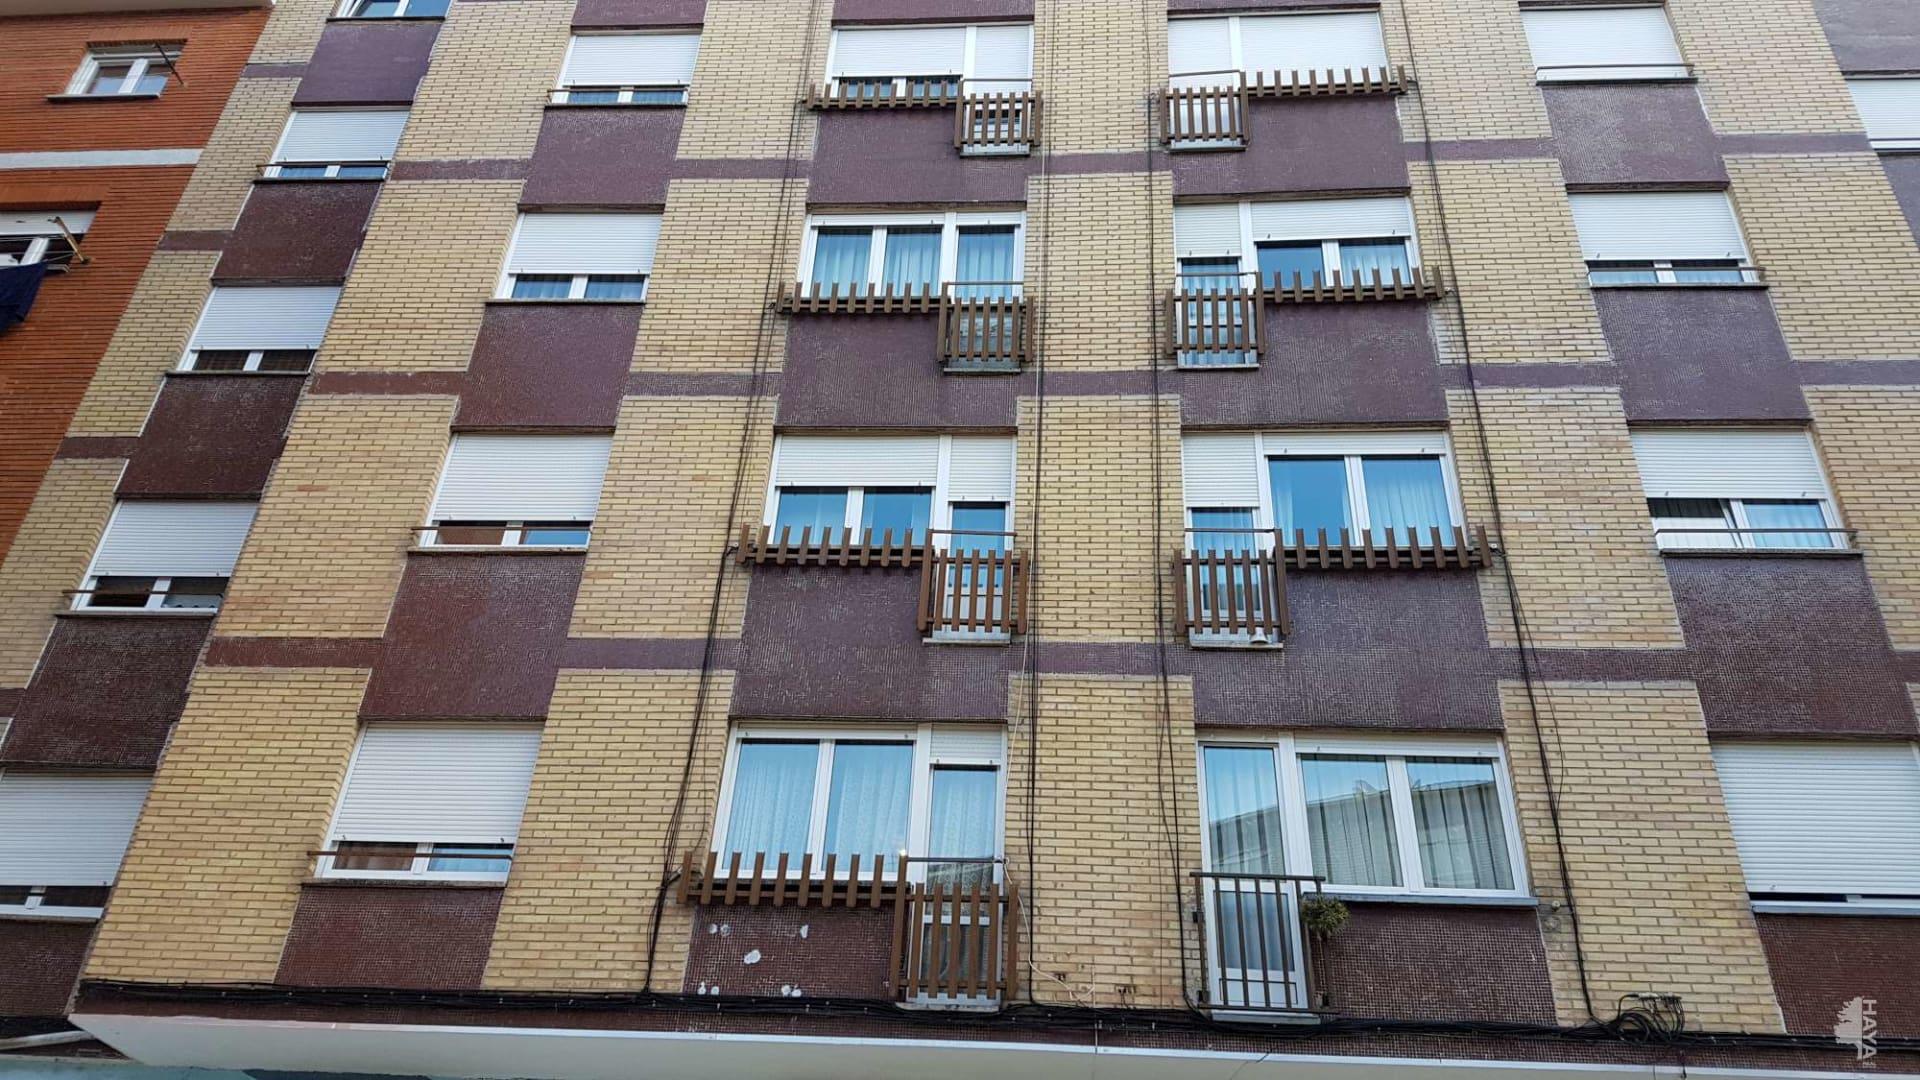 Piso en venta en Corvera de Asturias, Asturias, Calle Vicente Aleixandre, 62.560 €, 3 habitaciones, 1 baño, 94 m2